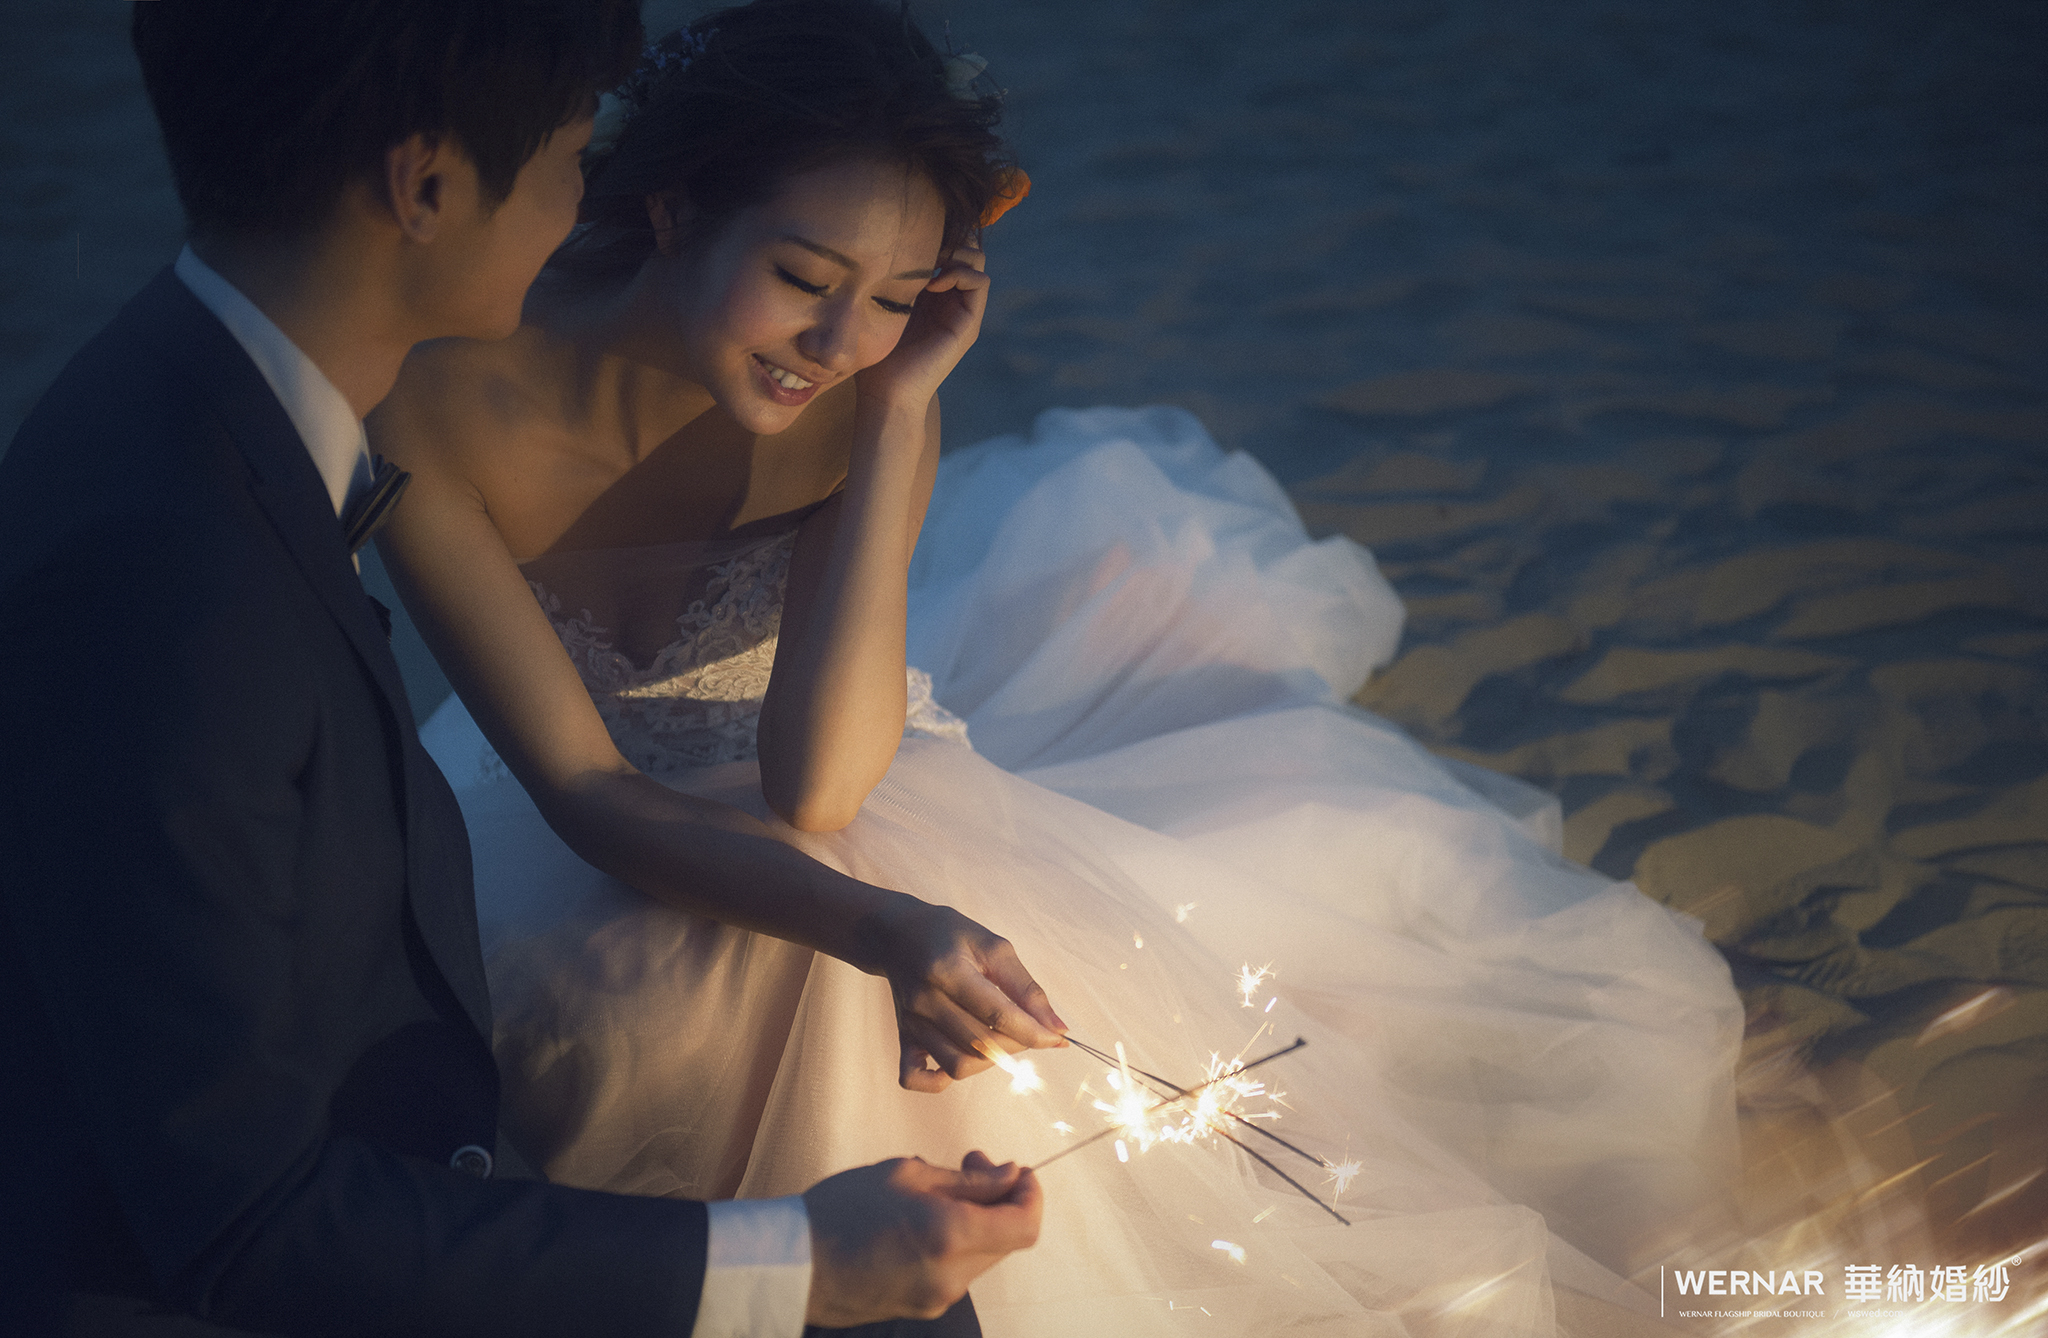 婚紗外拍景點,婚紗推薦,婚紗攝影,自主婚紗,婚紗照